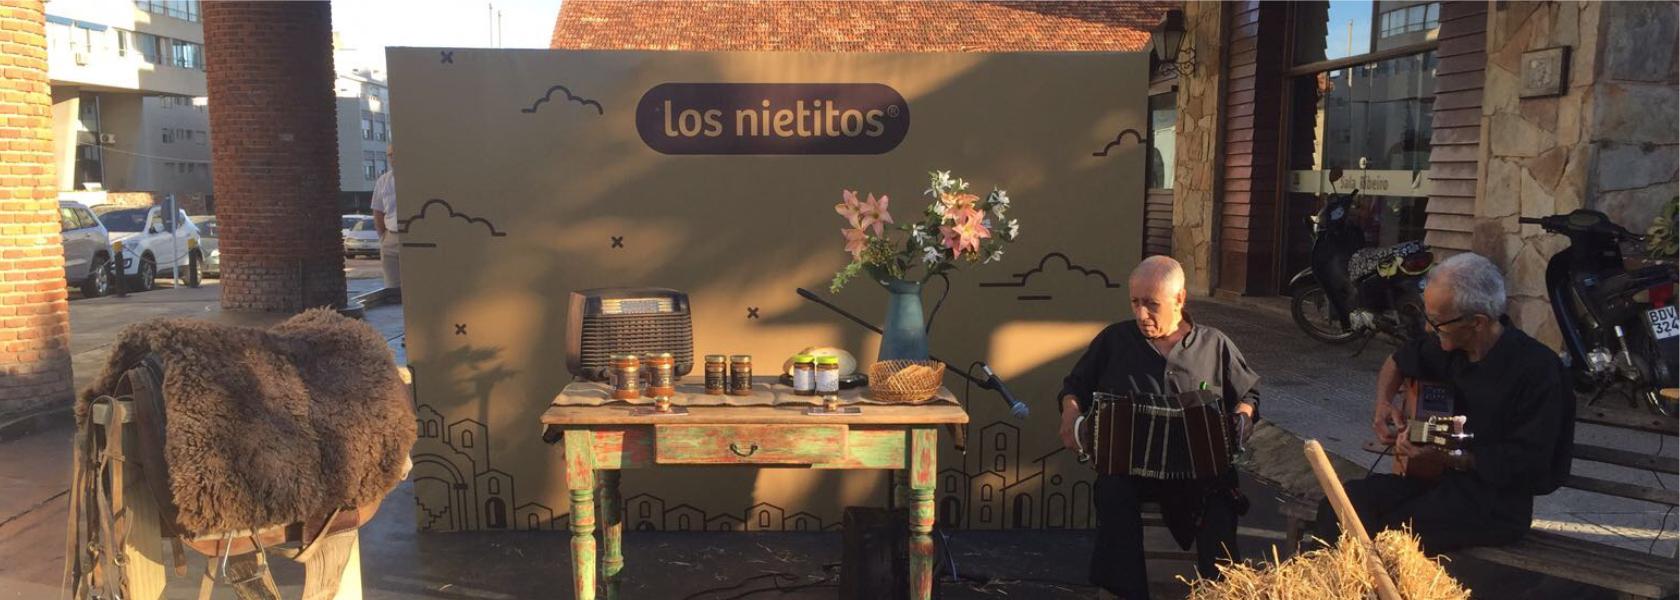 Nuestro Dulce de Leche Receta Tradicional recibe elogios de uruguayos y extranjeros en la península